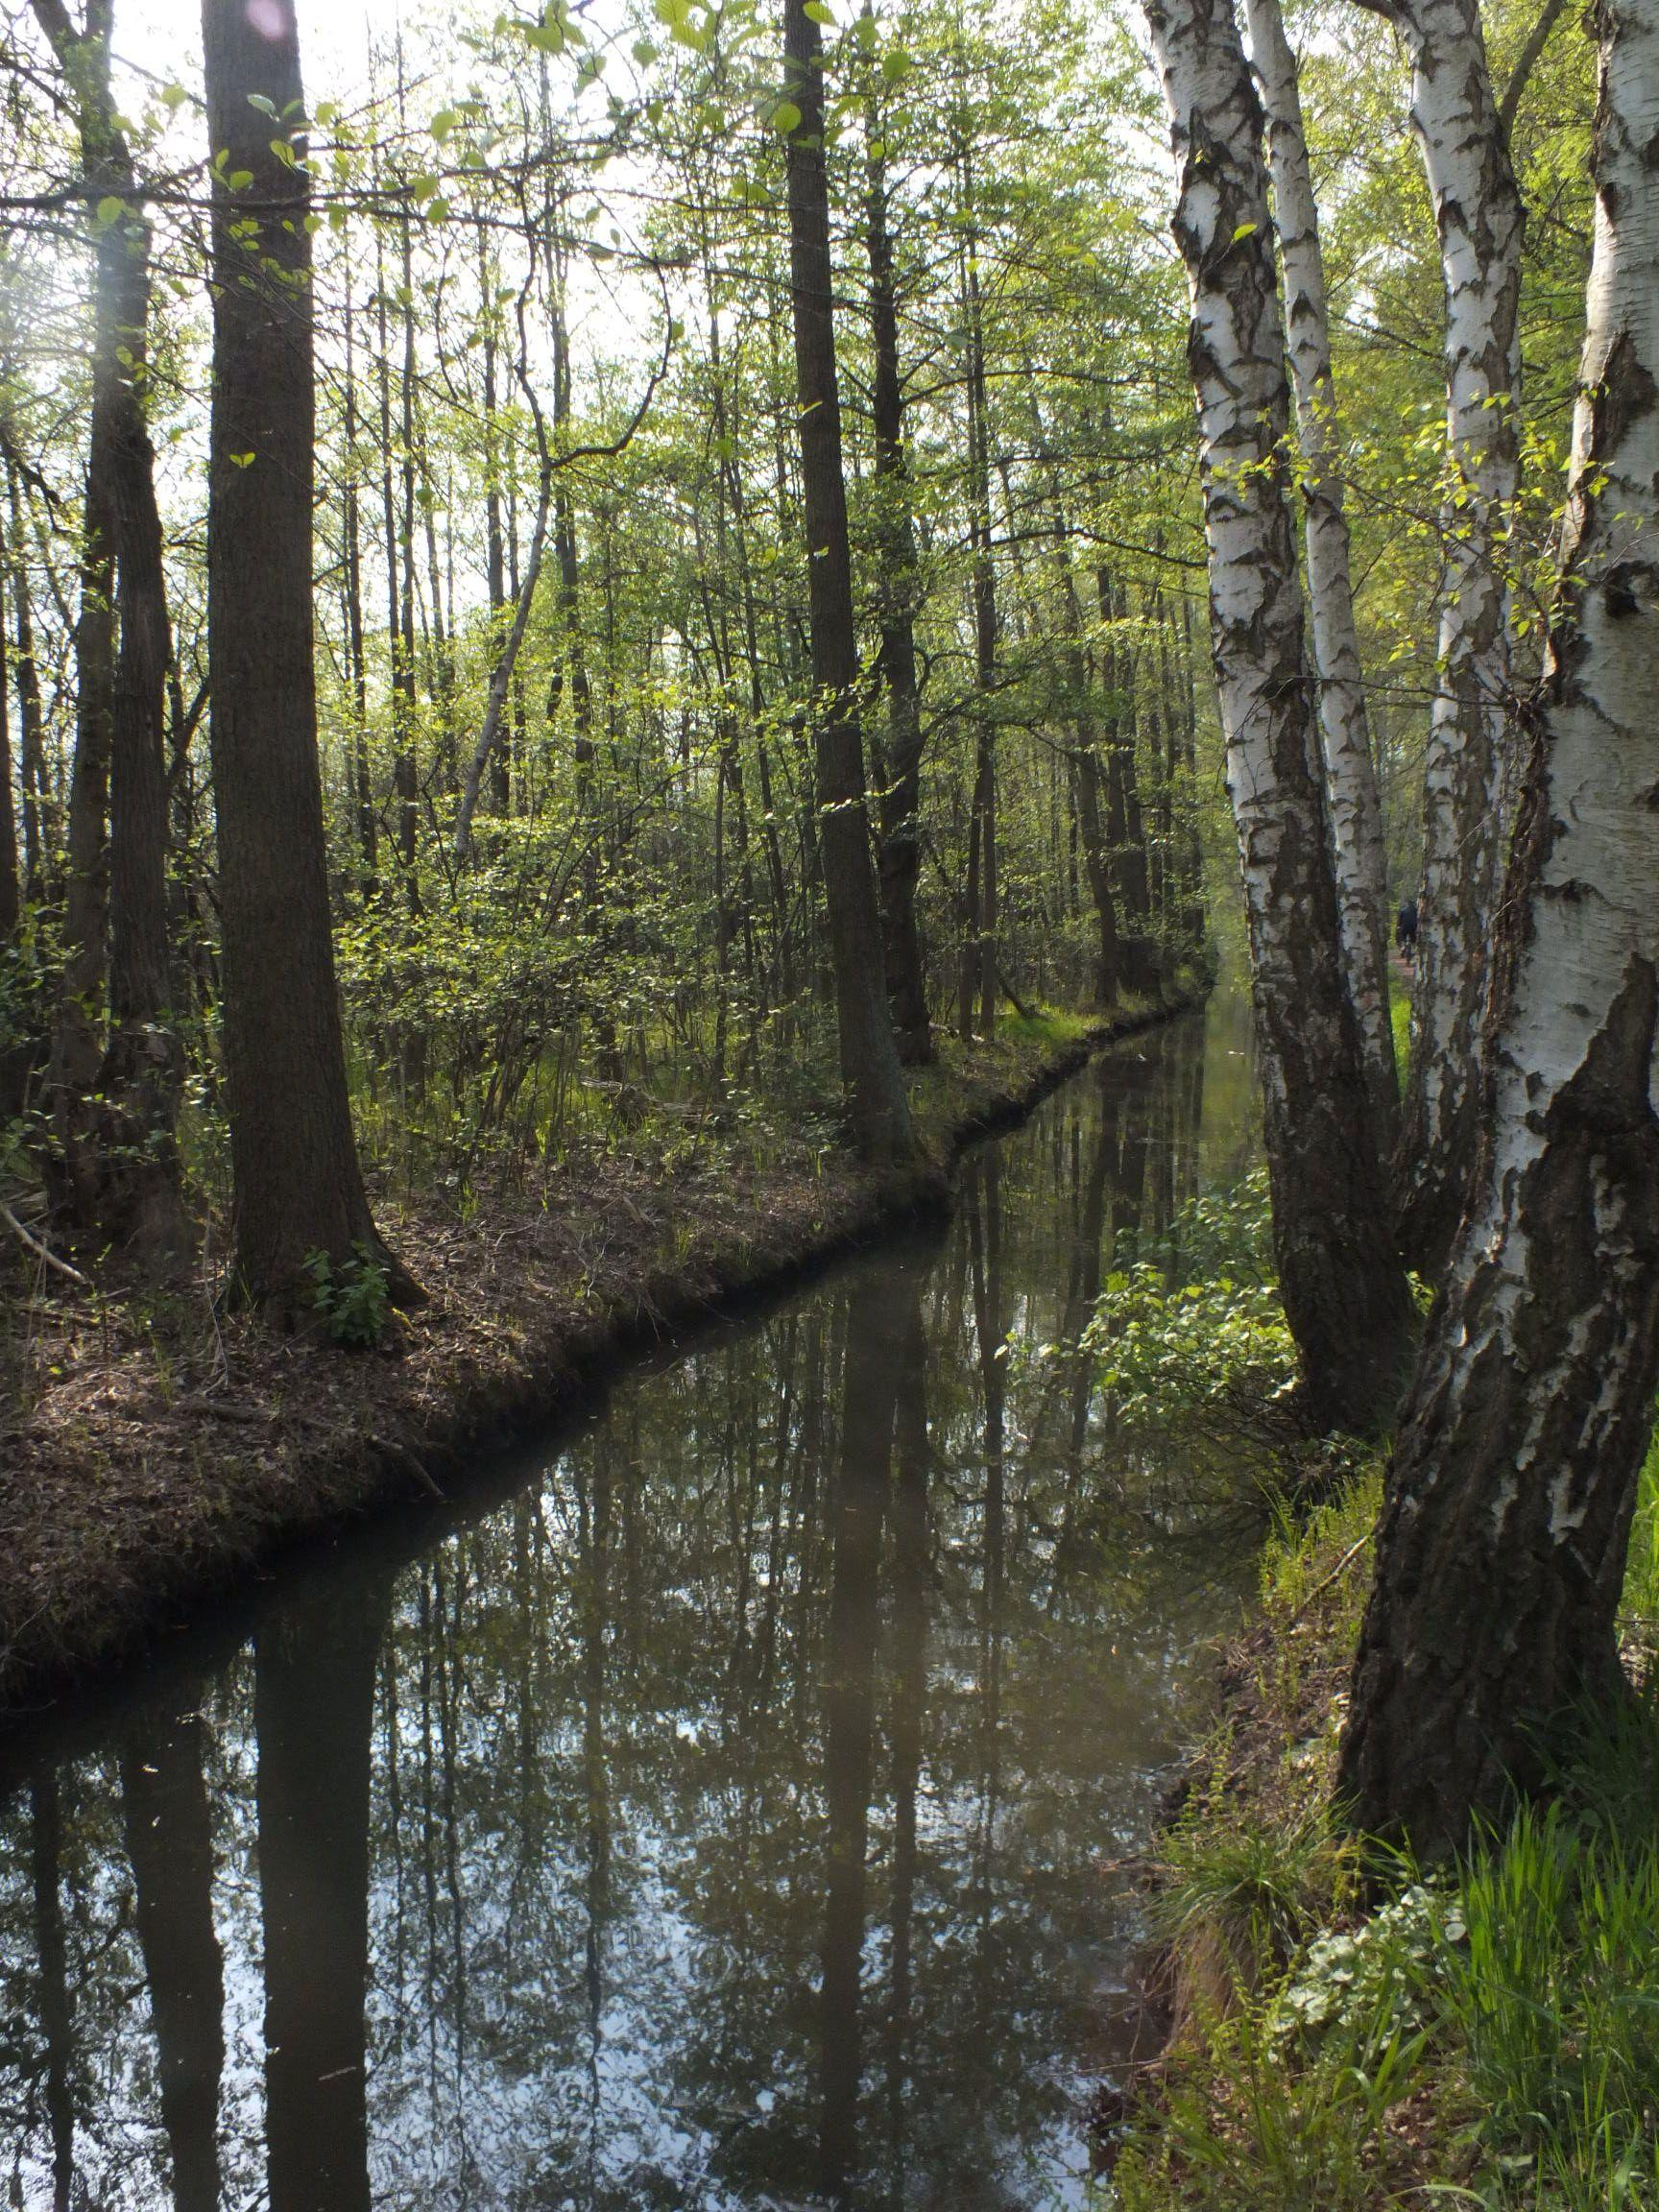 kleiner, nicht befahrener Kanal